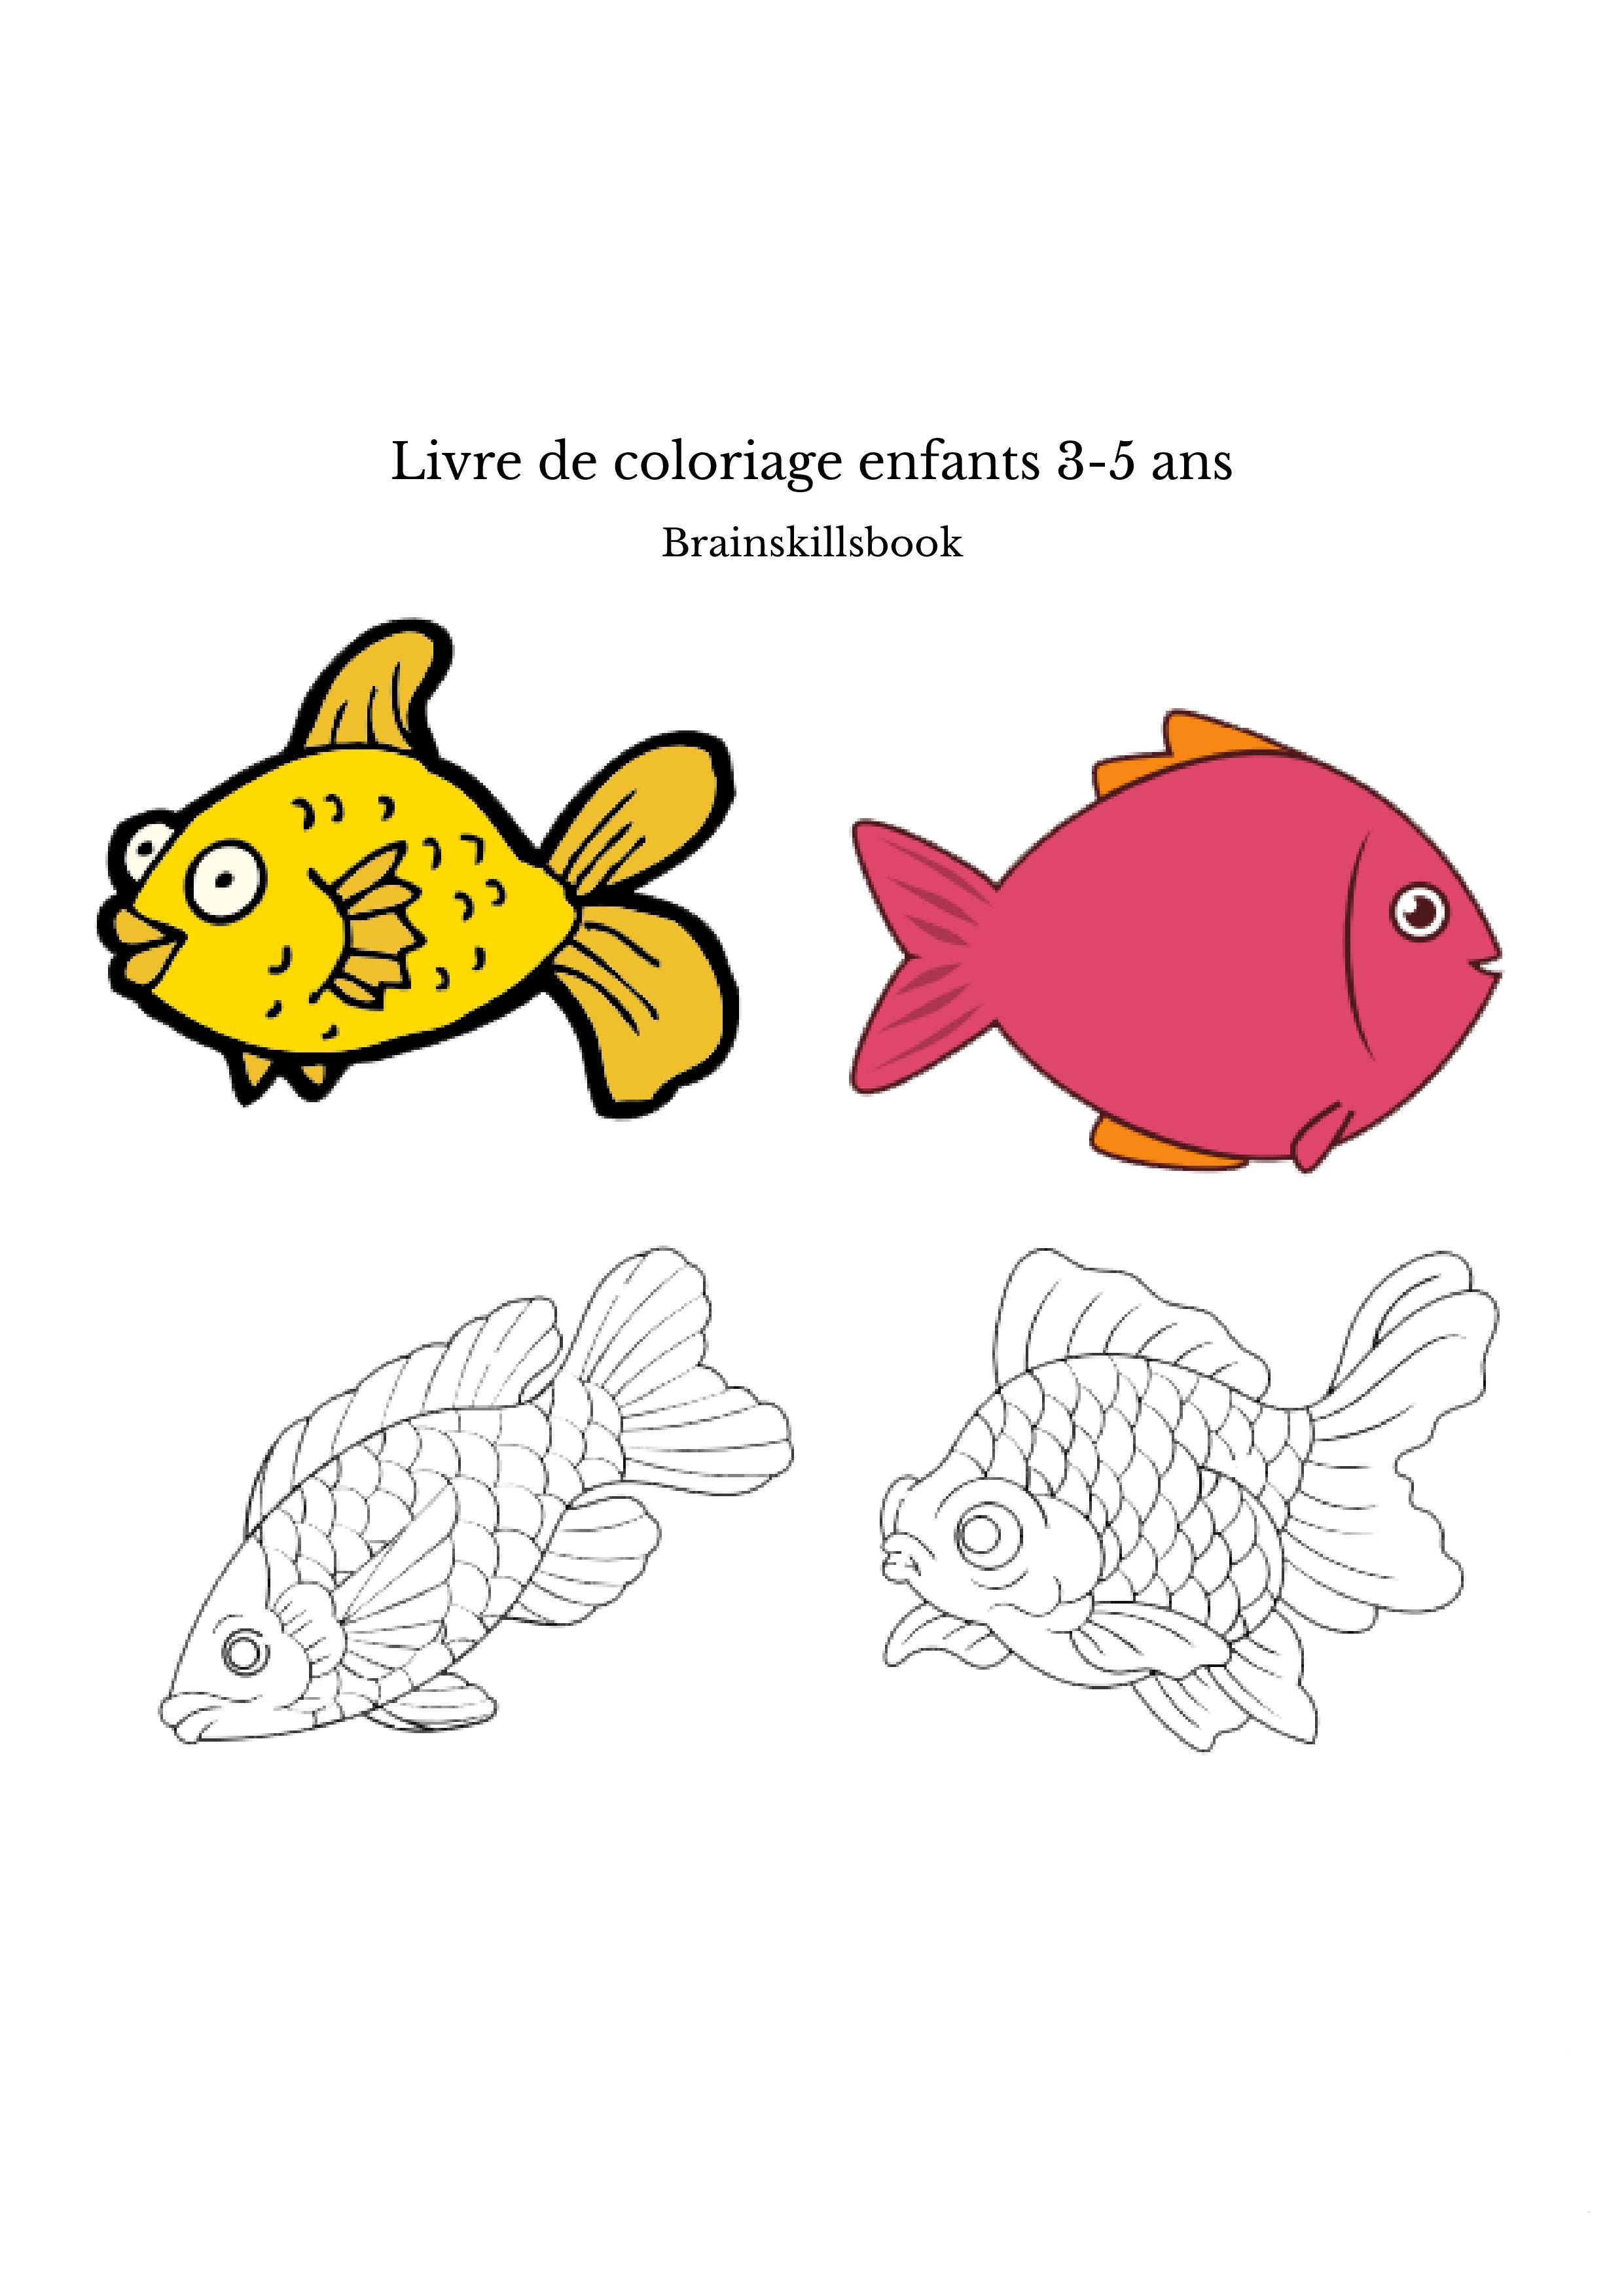 Livre de coloriage enfants 3-5 ans